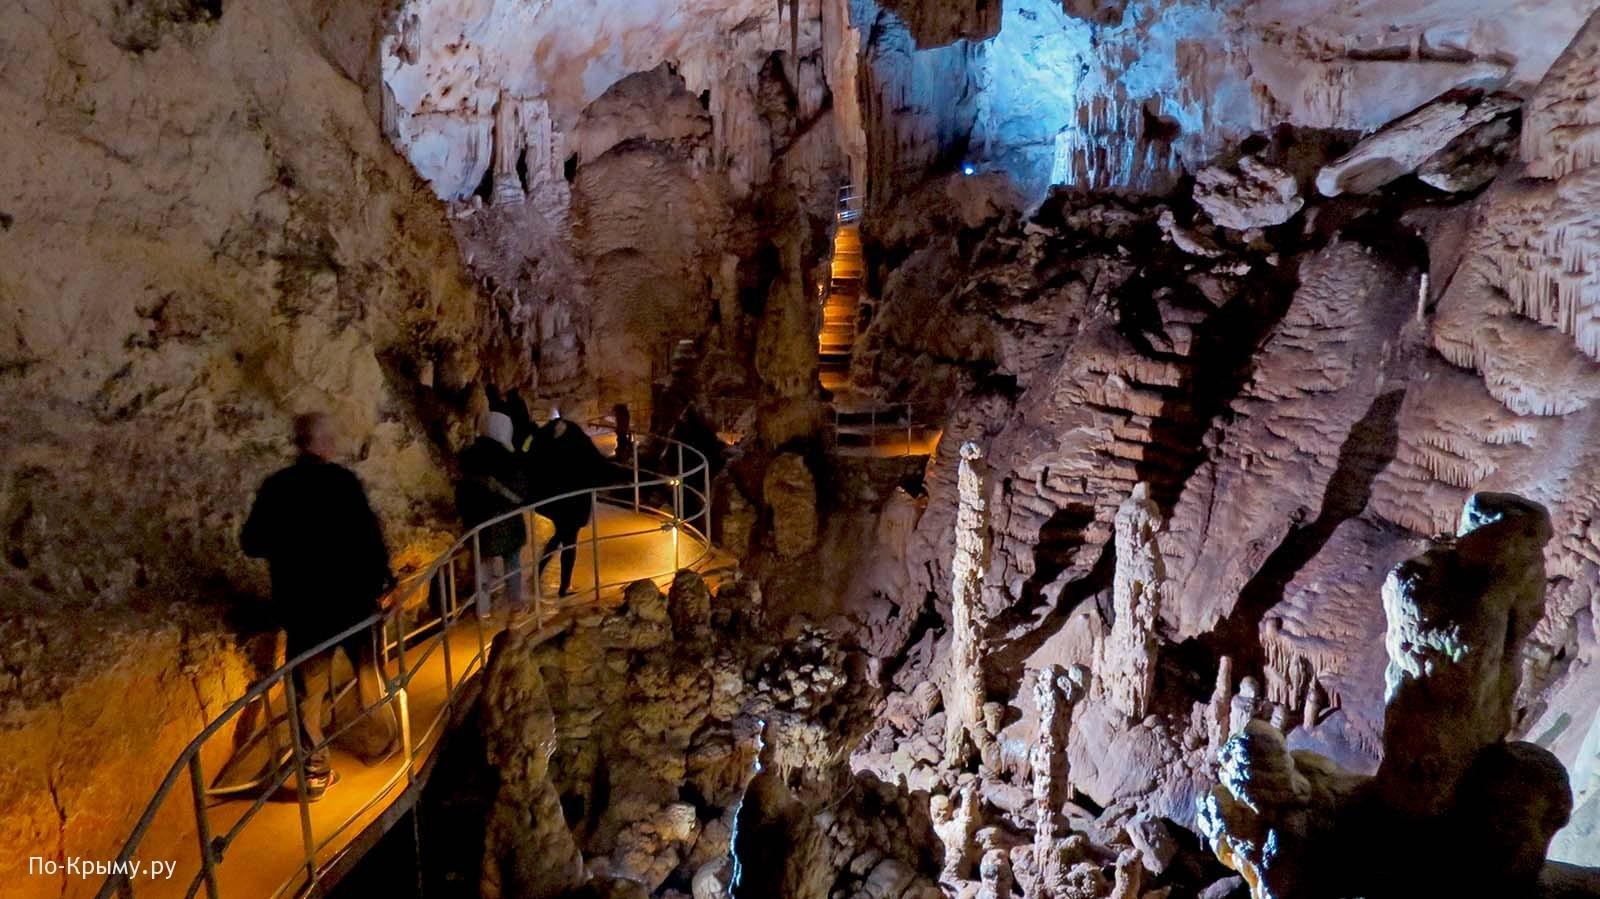 Чатыр-Даг, пещера Эмине-Баир-Хосар